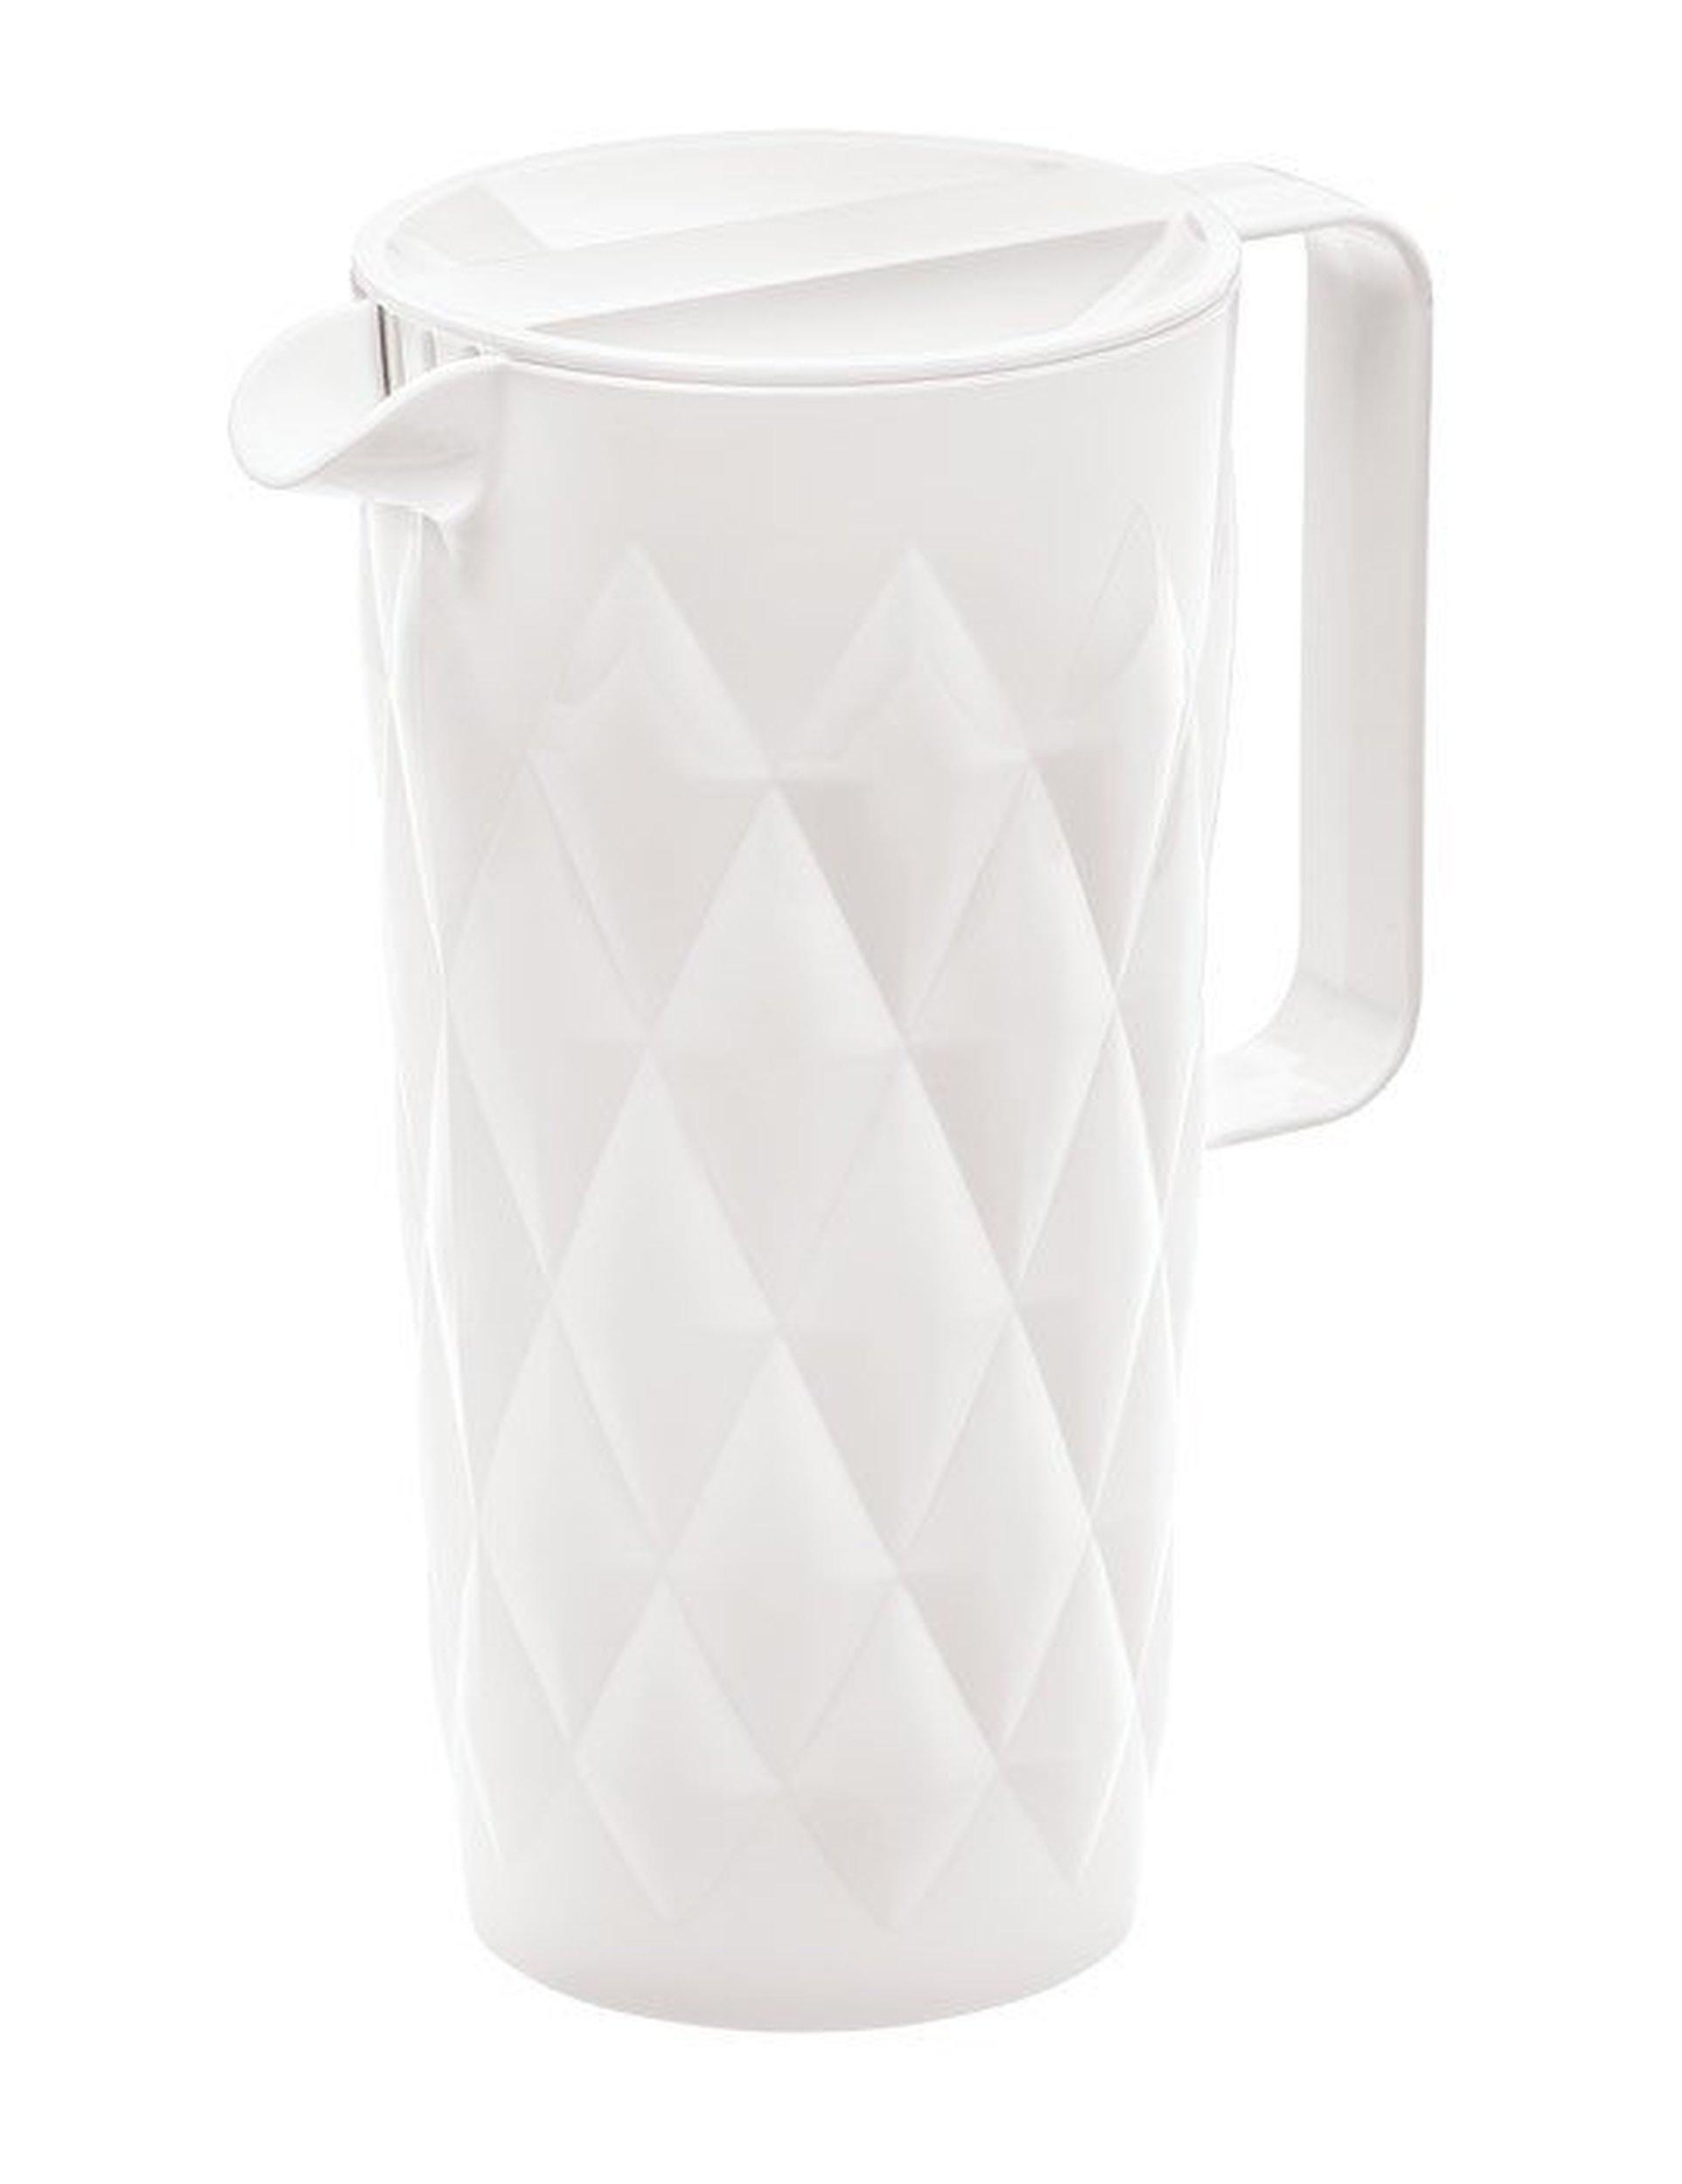 Dzbanek Crystal biały nieprzezroczysty